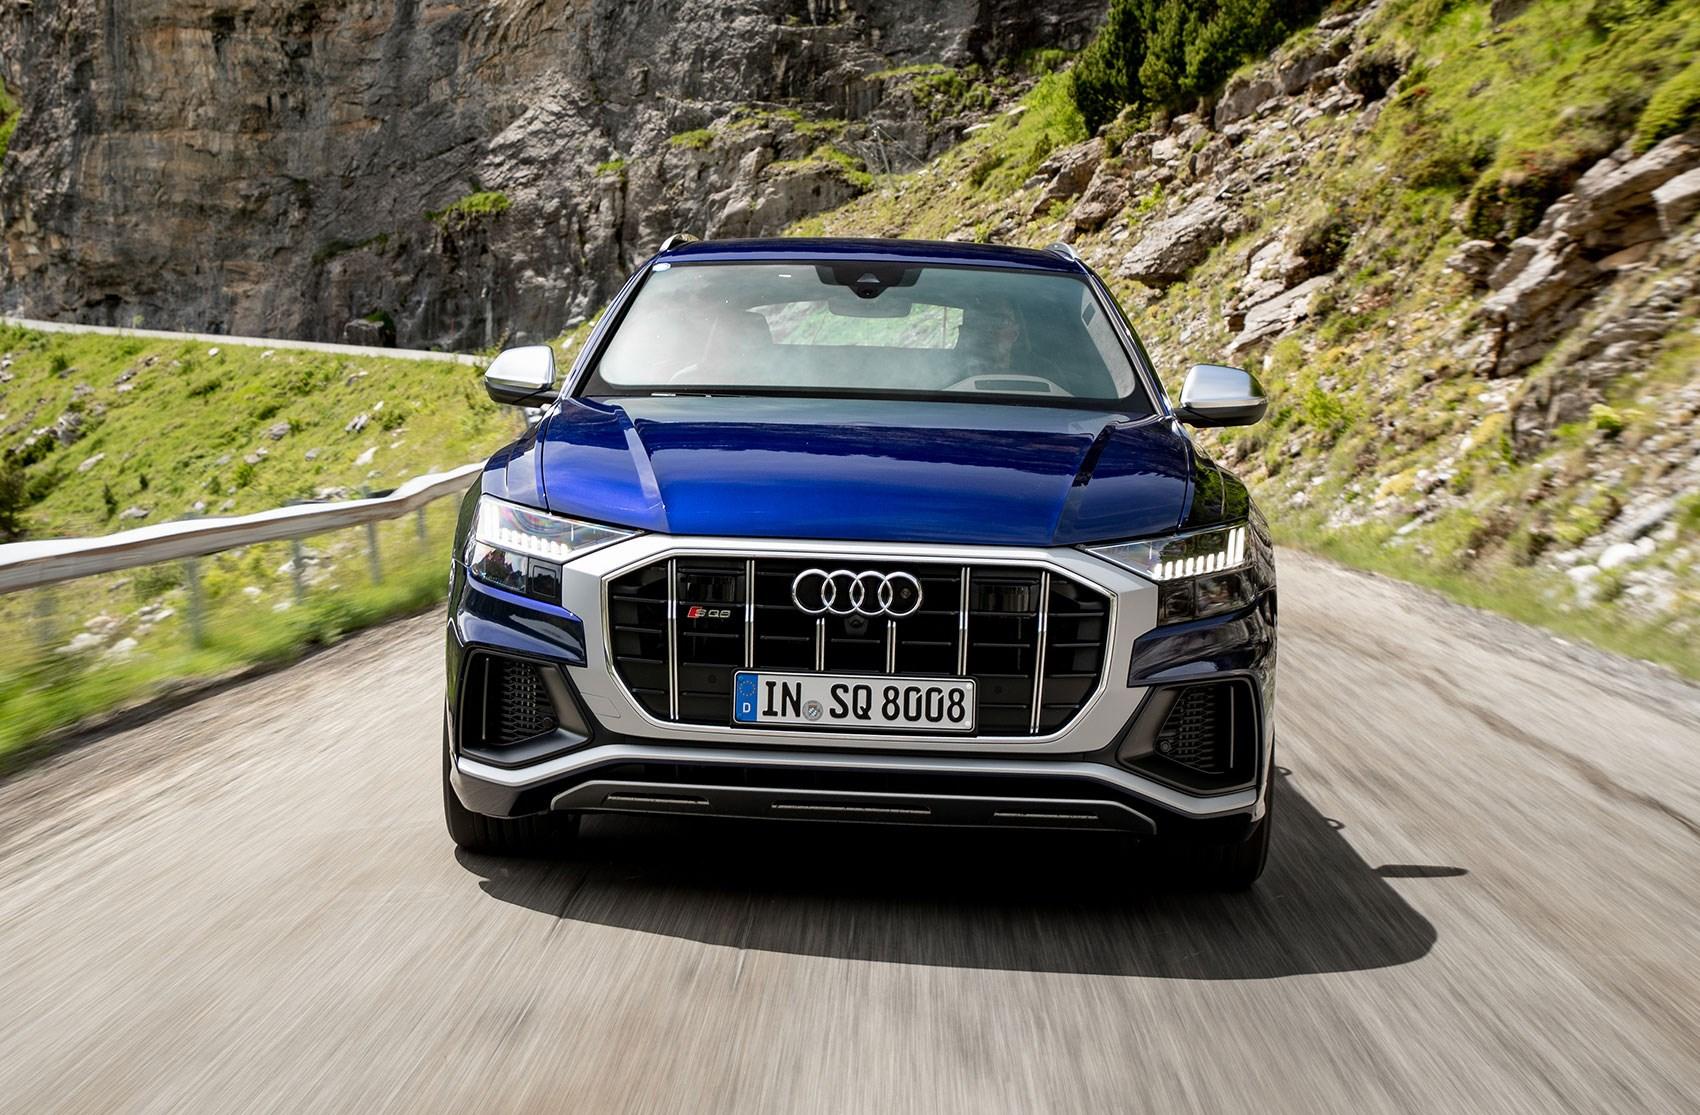 Kelebihan Kekurangan Audi Sq8 2019 Spesifikasi